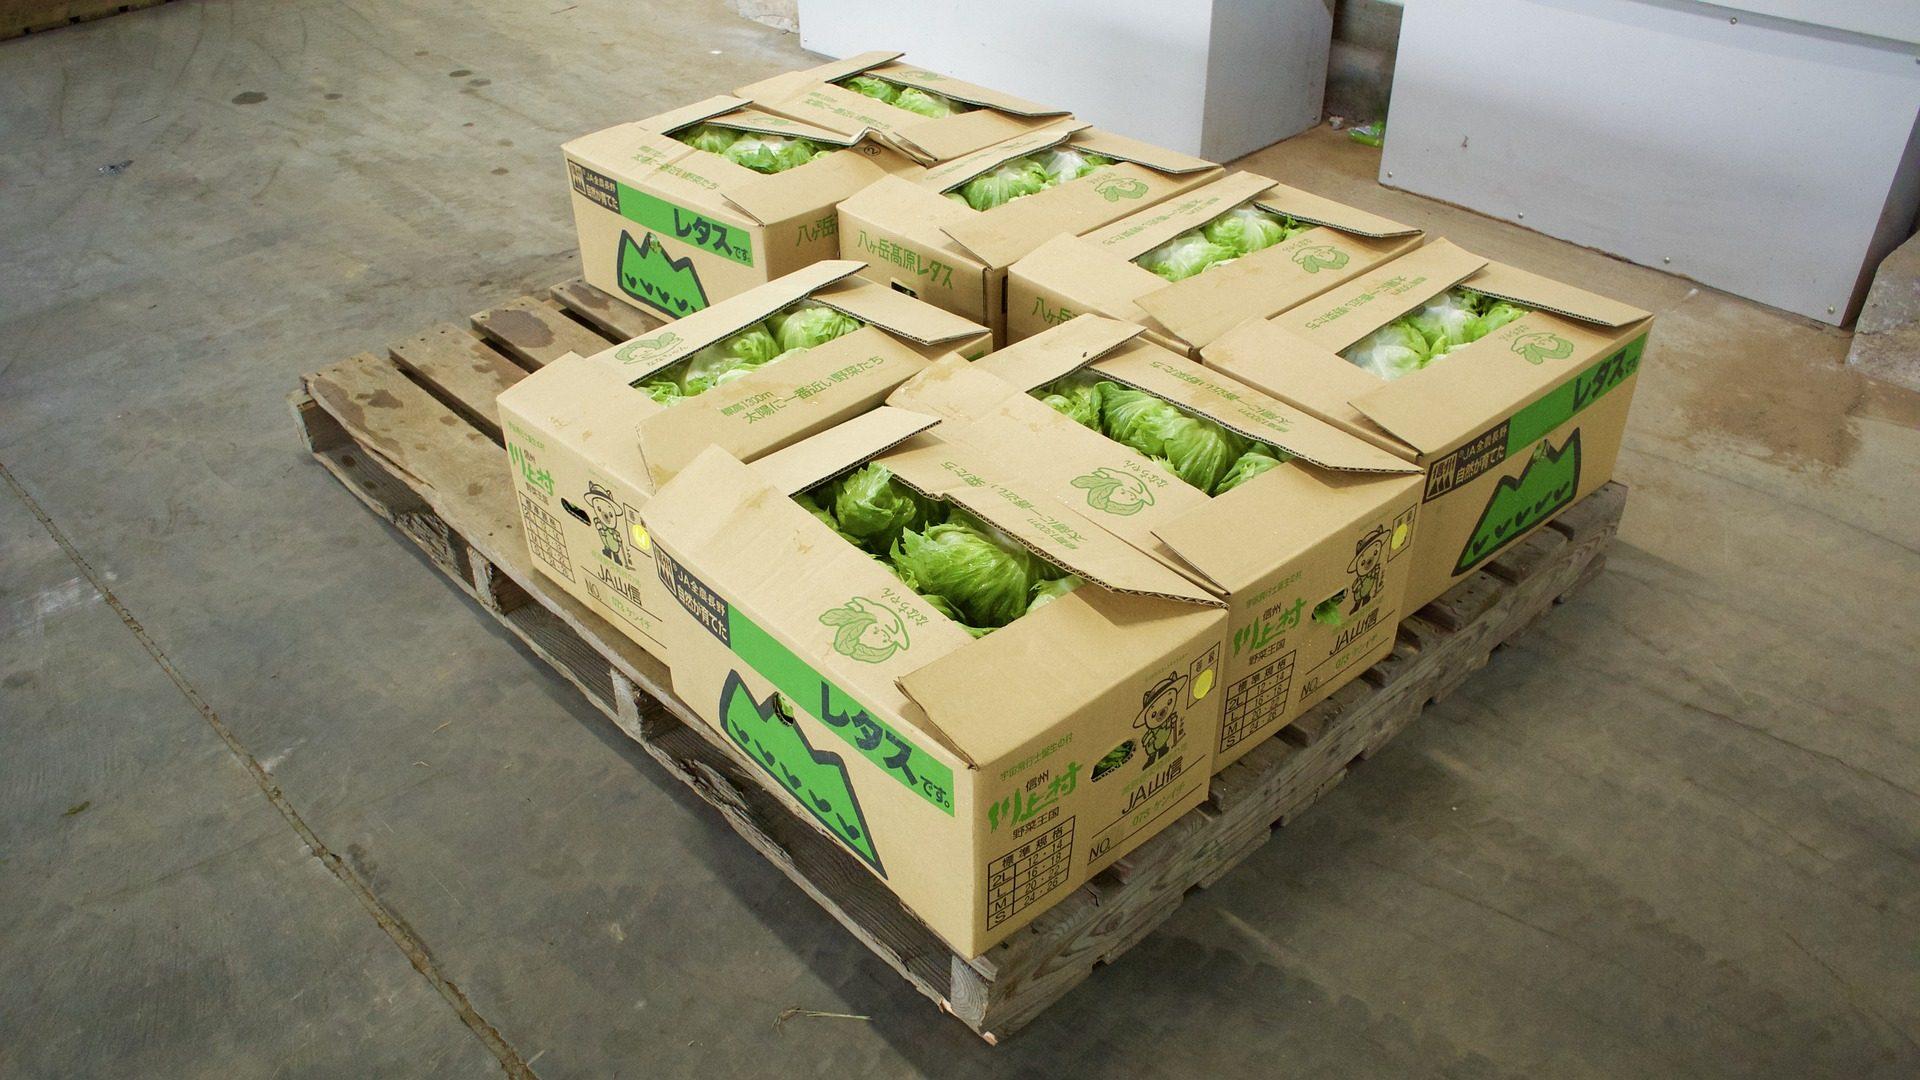 Салат, овощи, ящики, cartón, поддон - Обои HD - Профессор falken.com